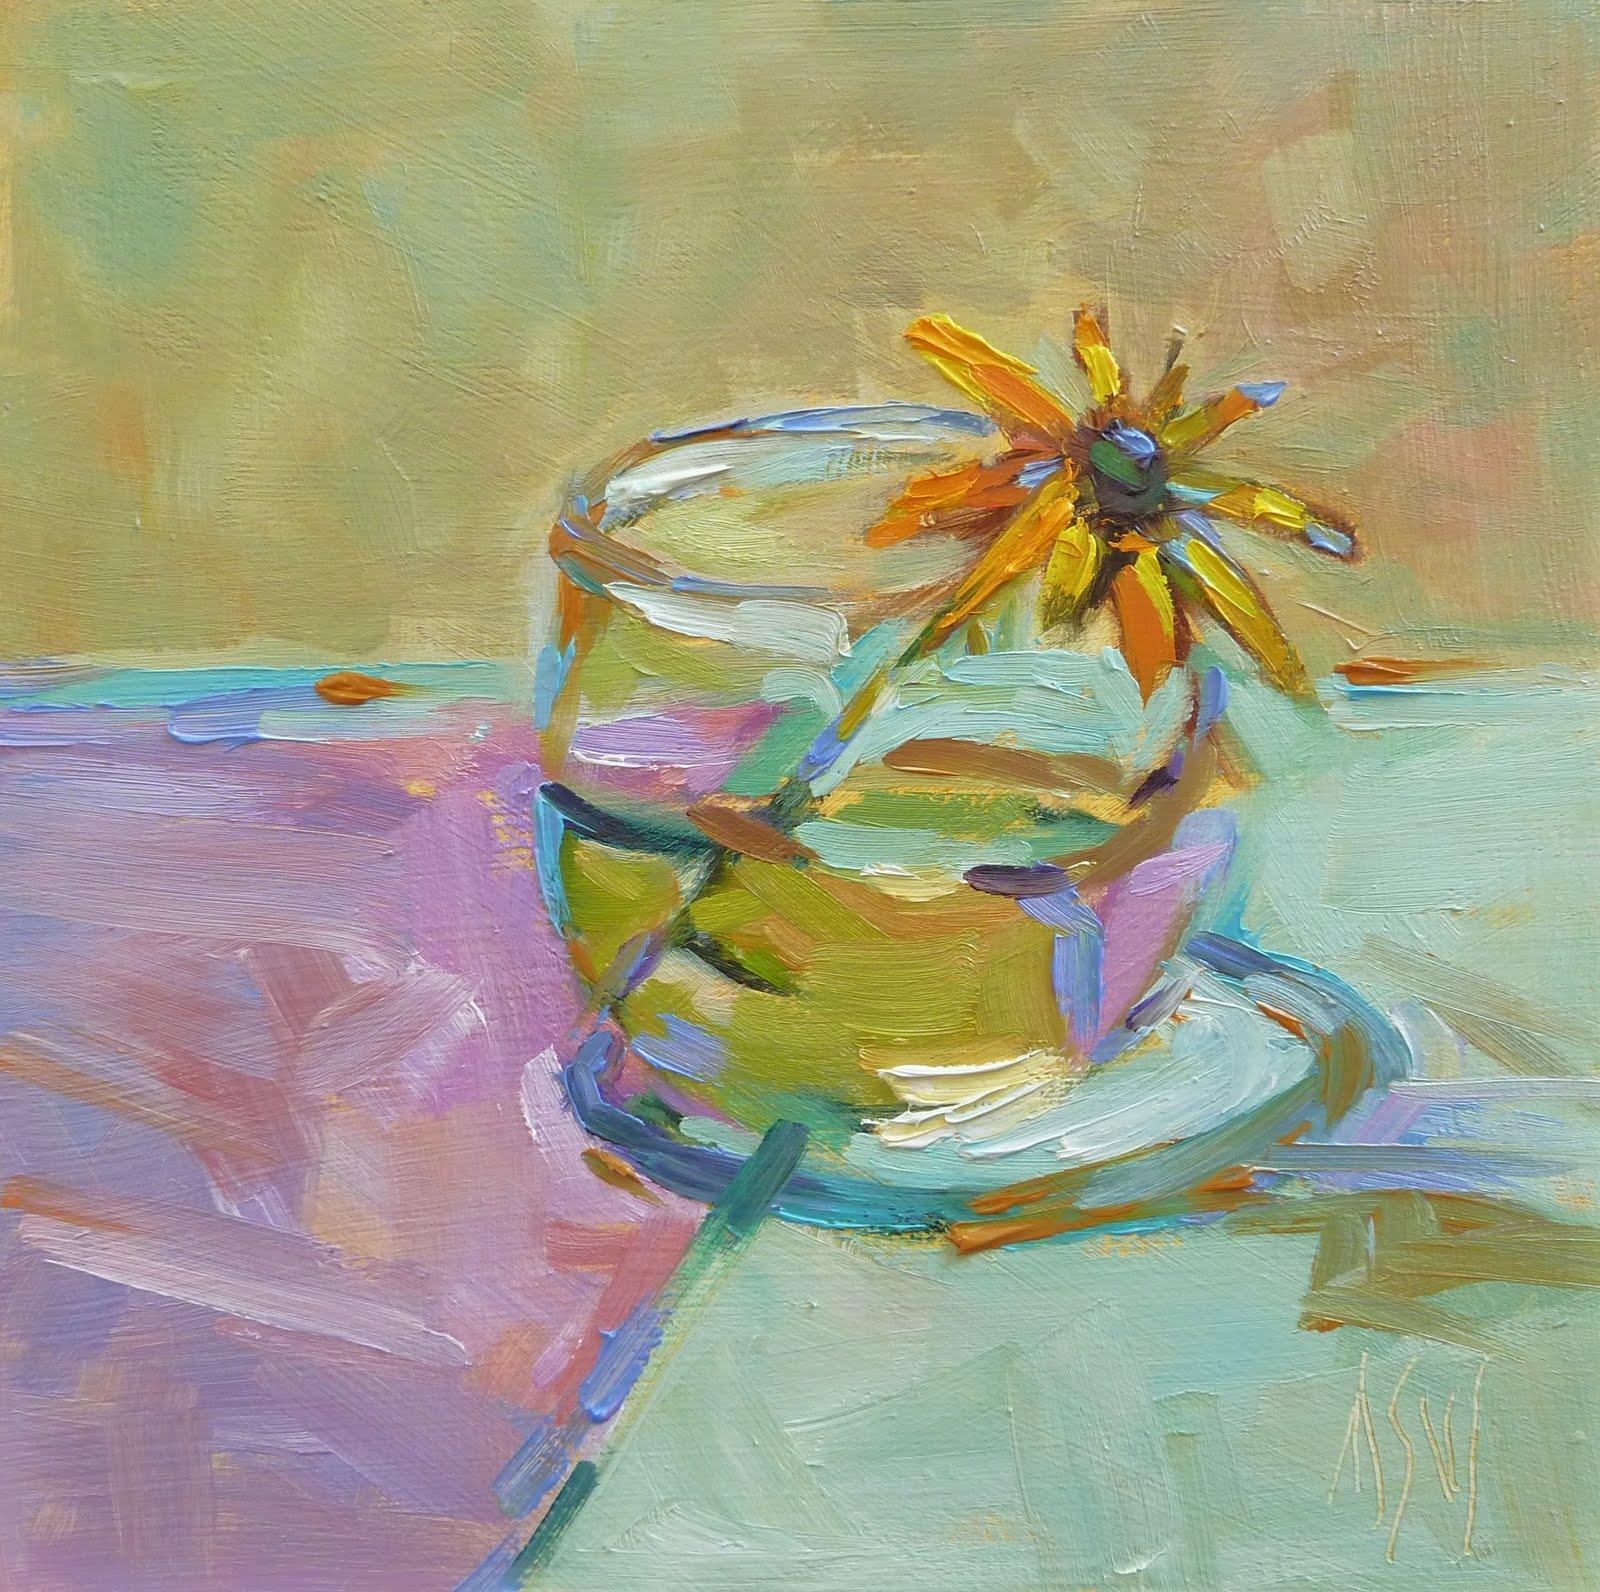 """""""Goodnight Irene 6x6 oil on hard board"""" original fine art by Mary Sheehan Winn"""